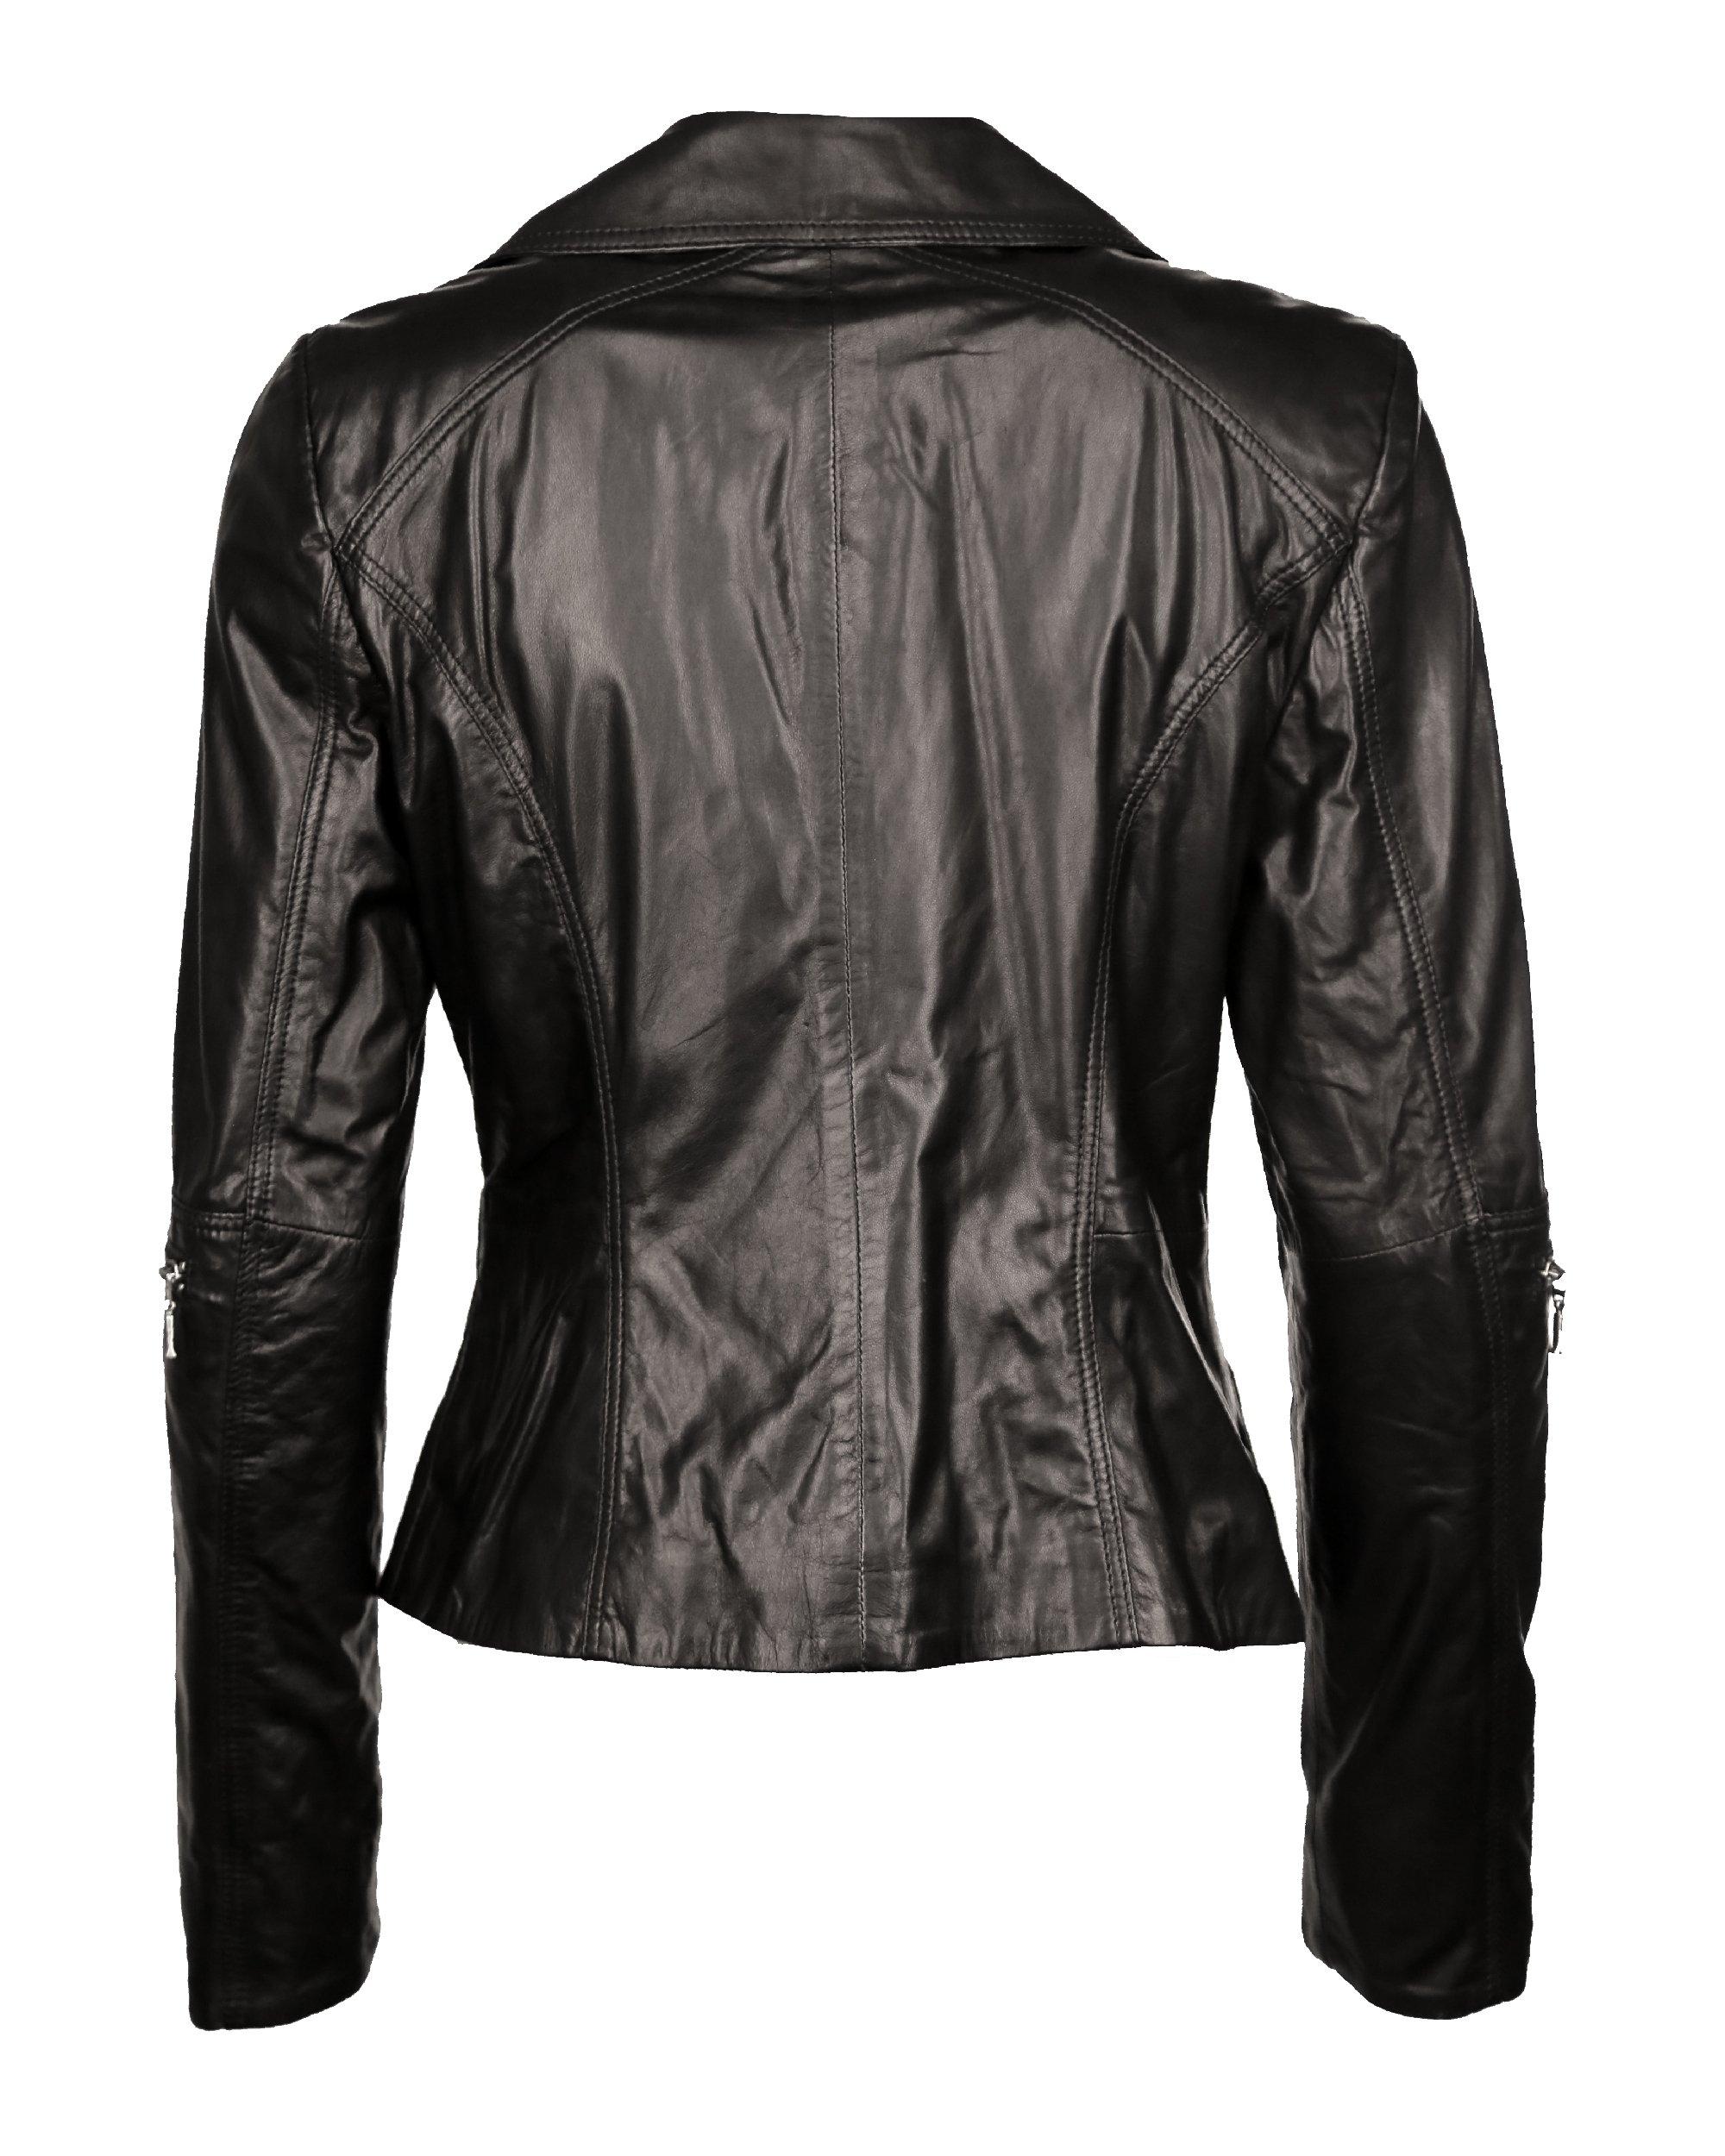 68 Met 2 Jack Nu Jcc Leren Online Bestellen Overhemdkraagnl 0O8nPkw